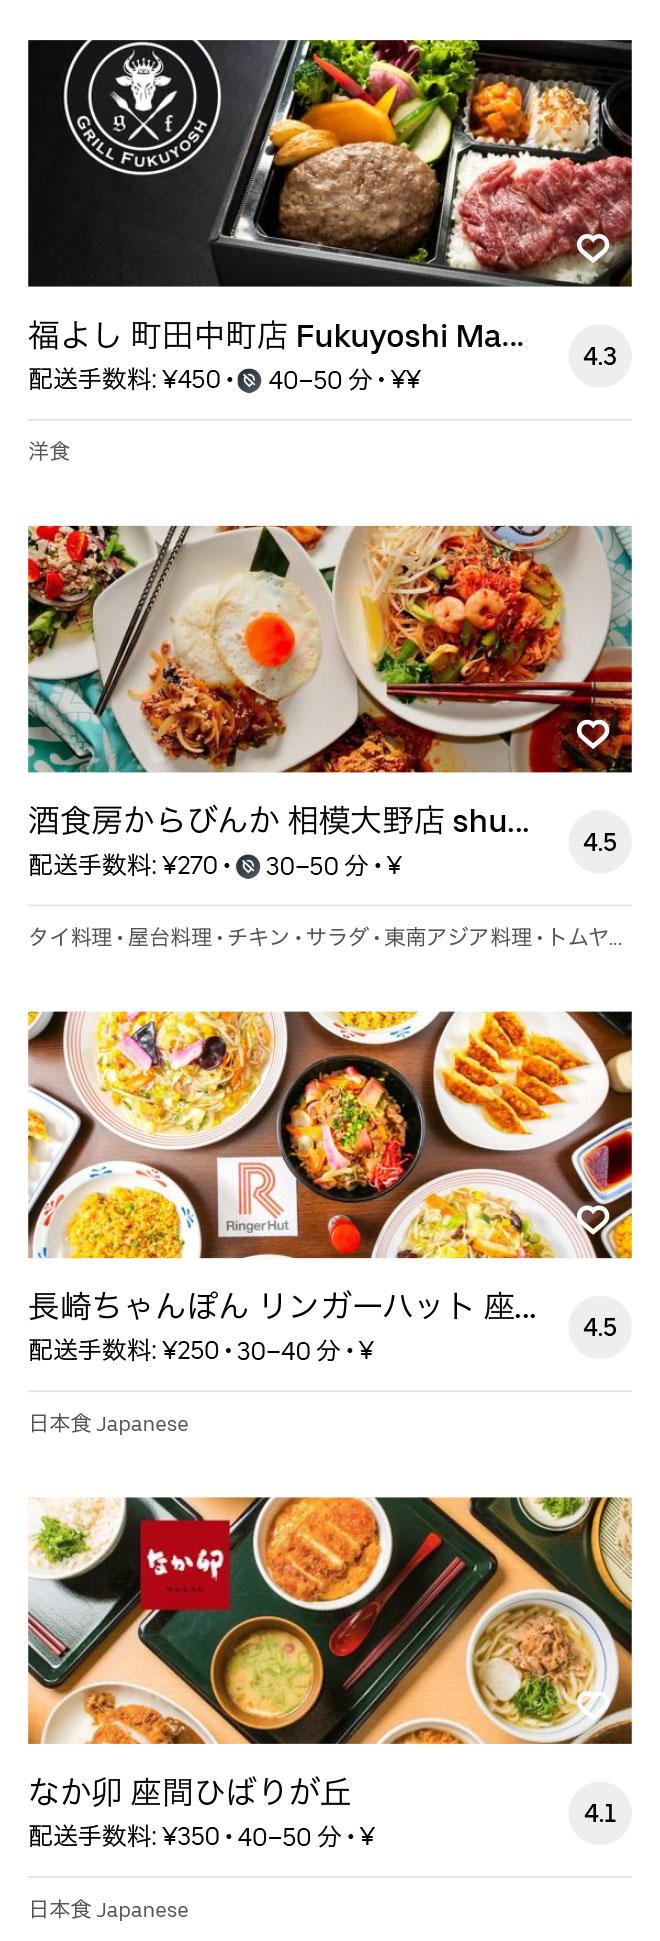 Odakyu sagamihara menu 2008 10